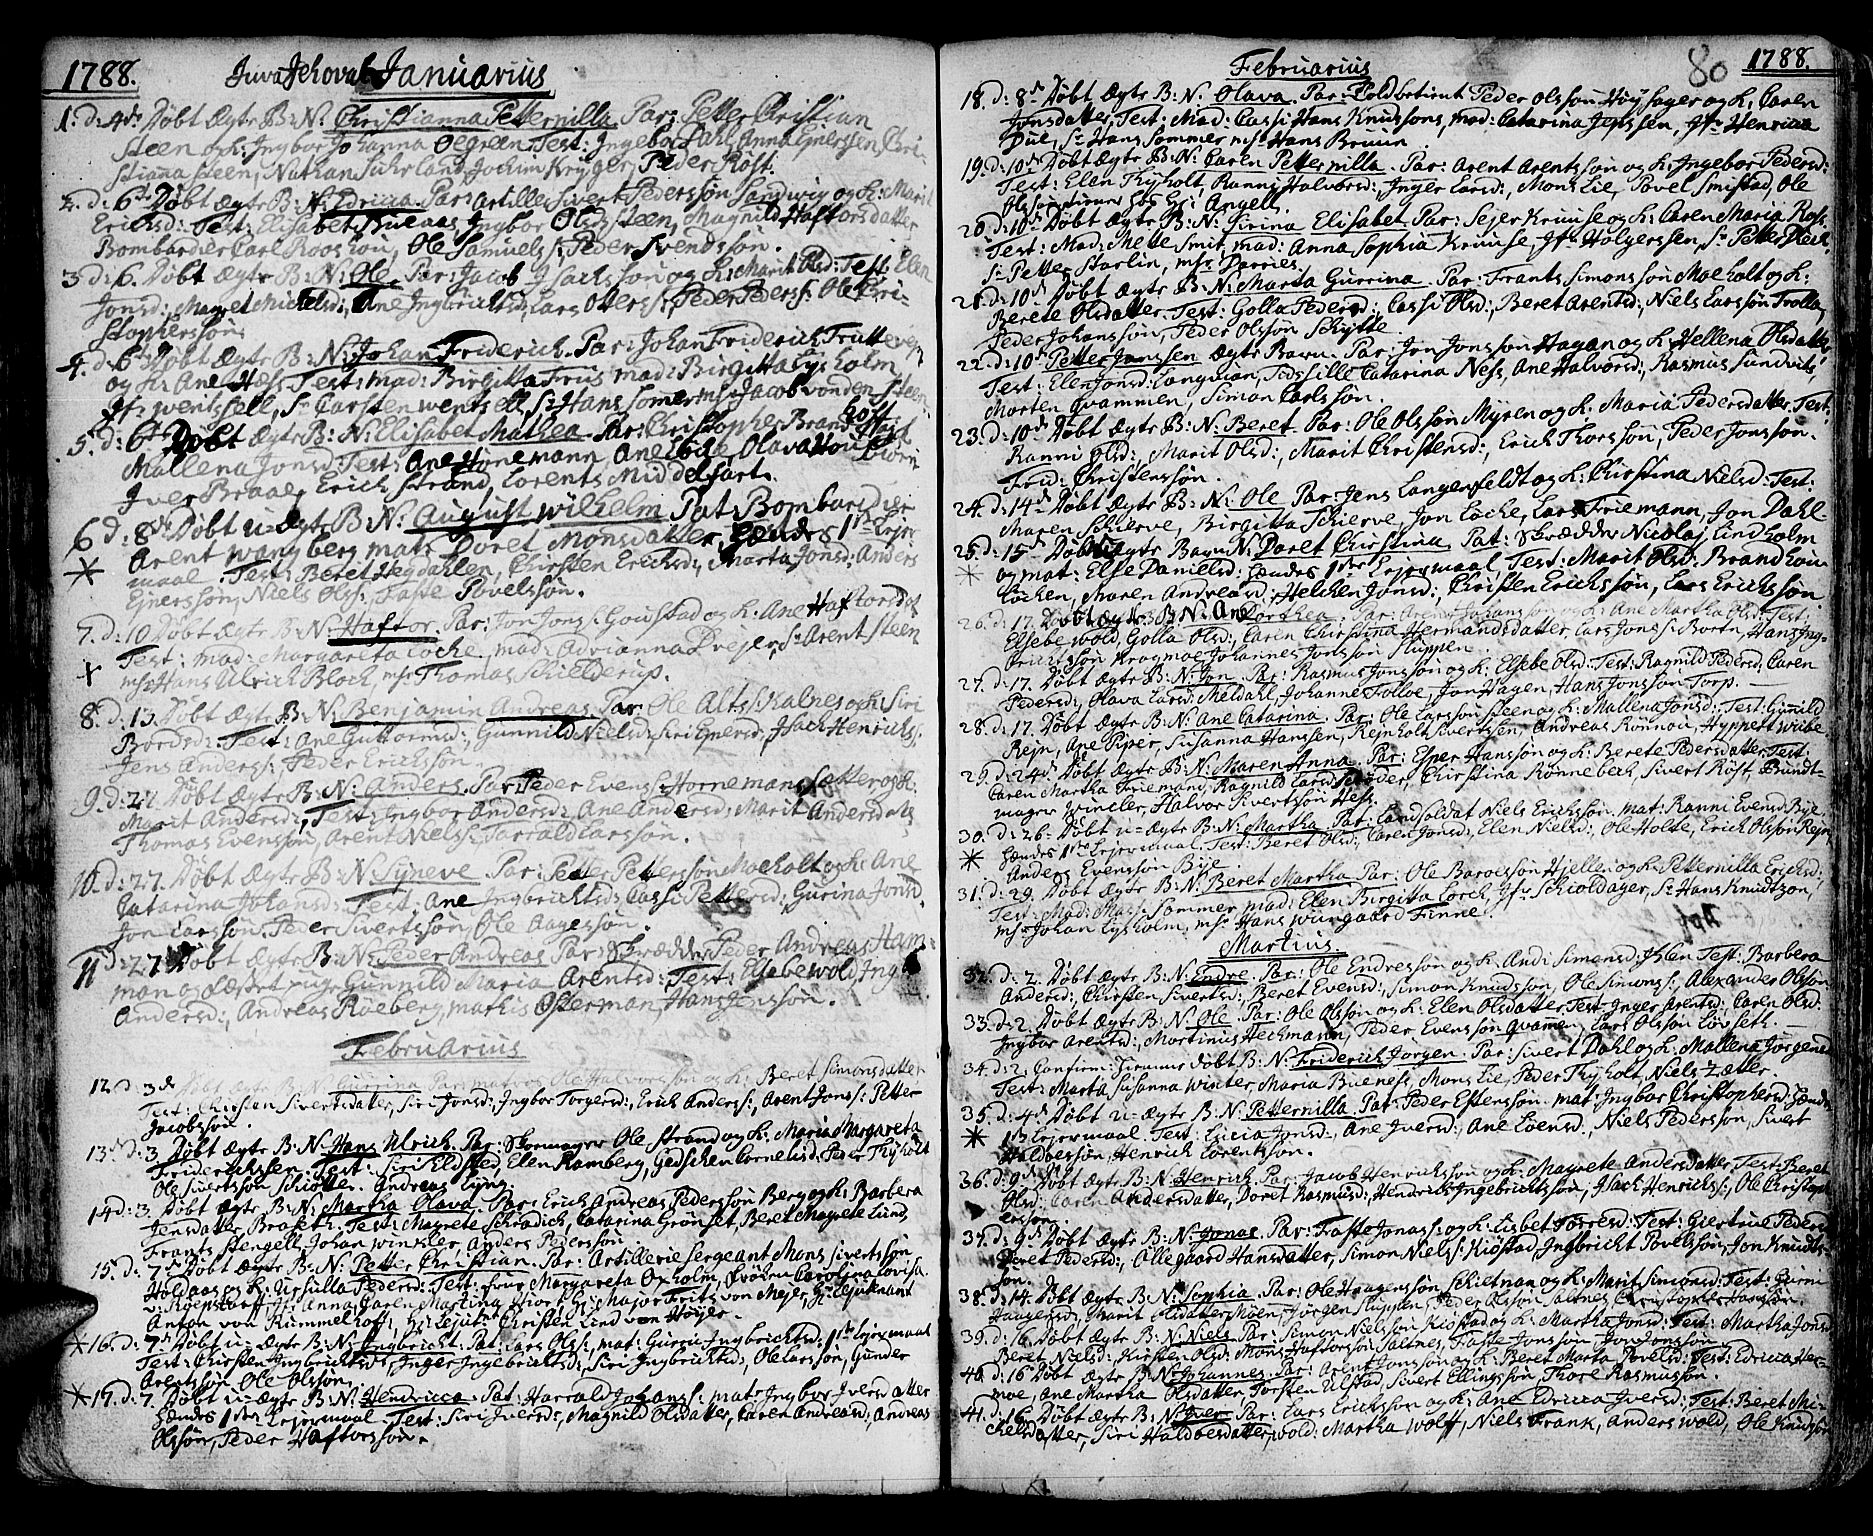 SAT, Ministerialprotokoller, klokkerbøker og fødselsregistre - Sør-Trøndelag, 601/L0039: Ministerialbok nr. 601A07, 1770-1819, s. 80